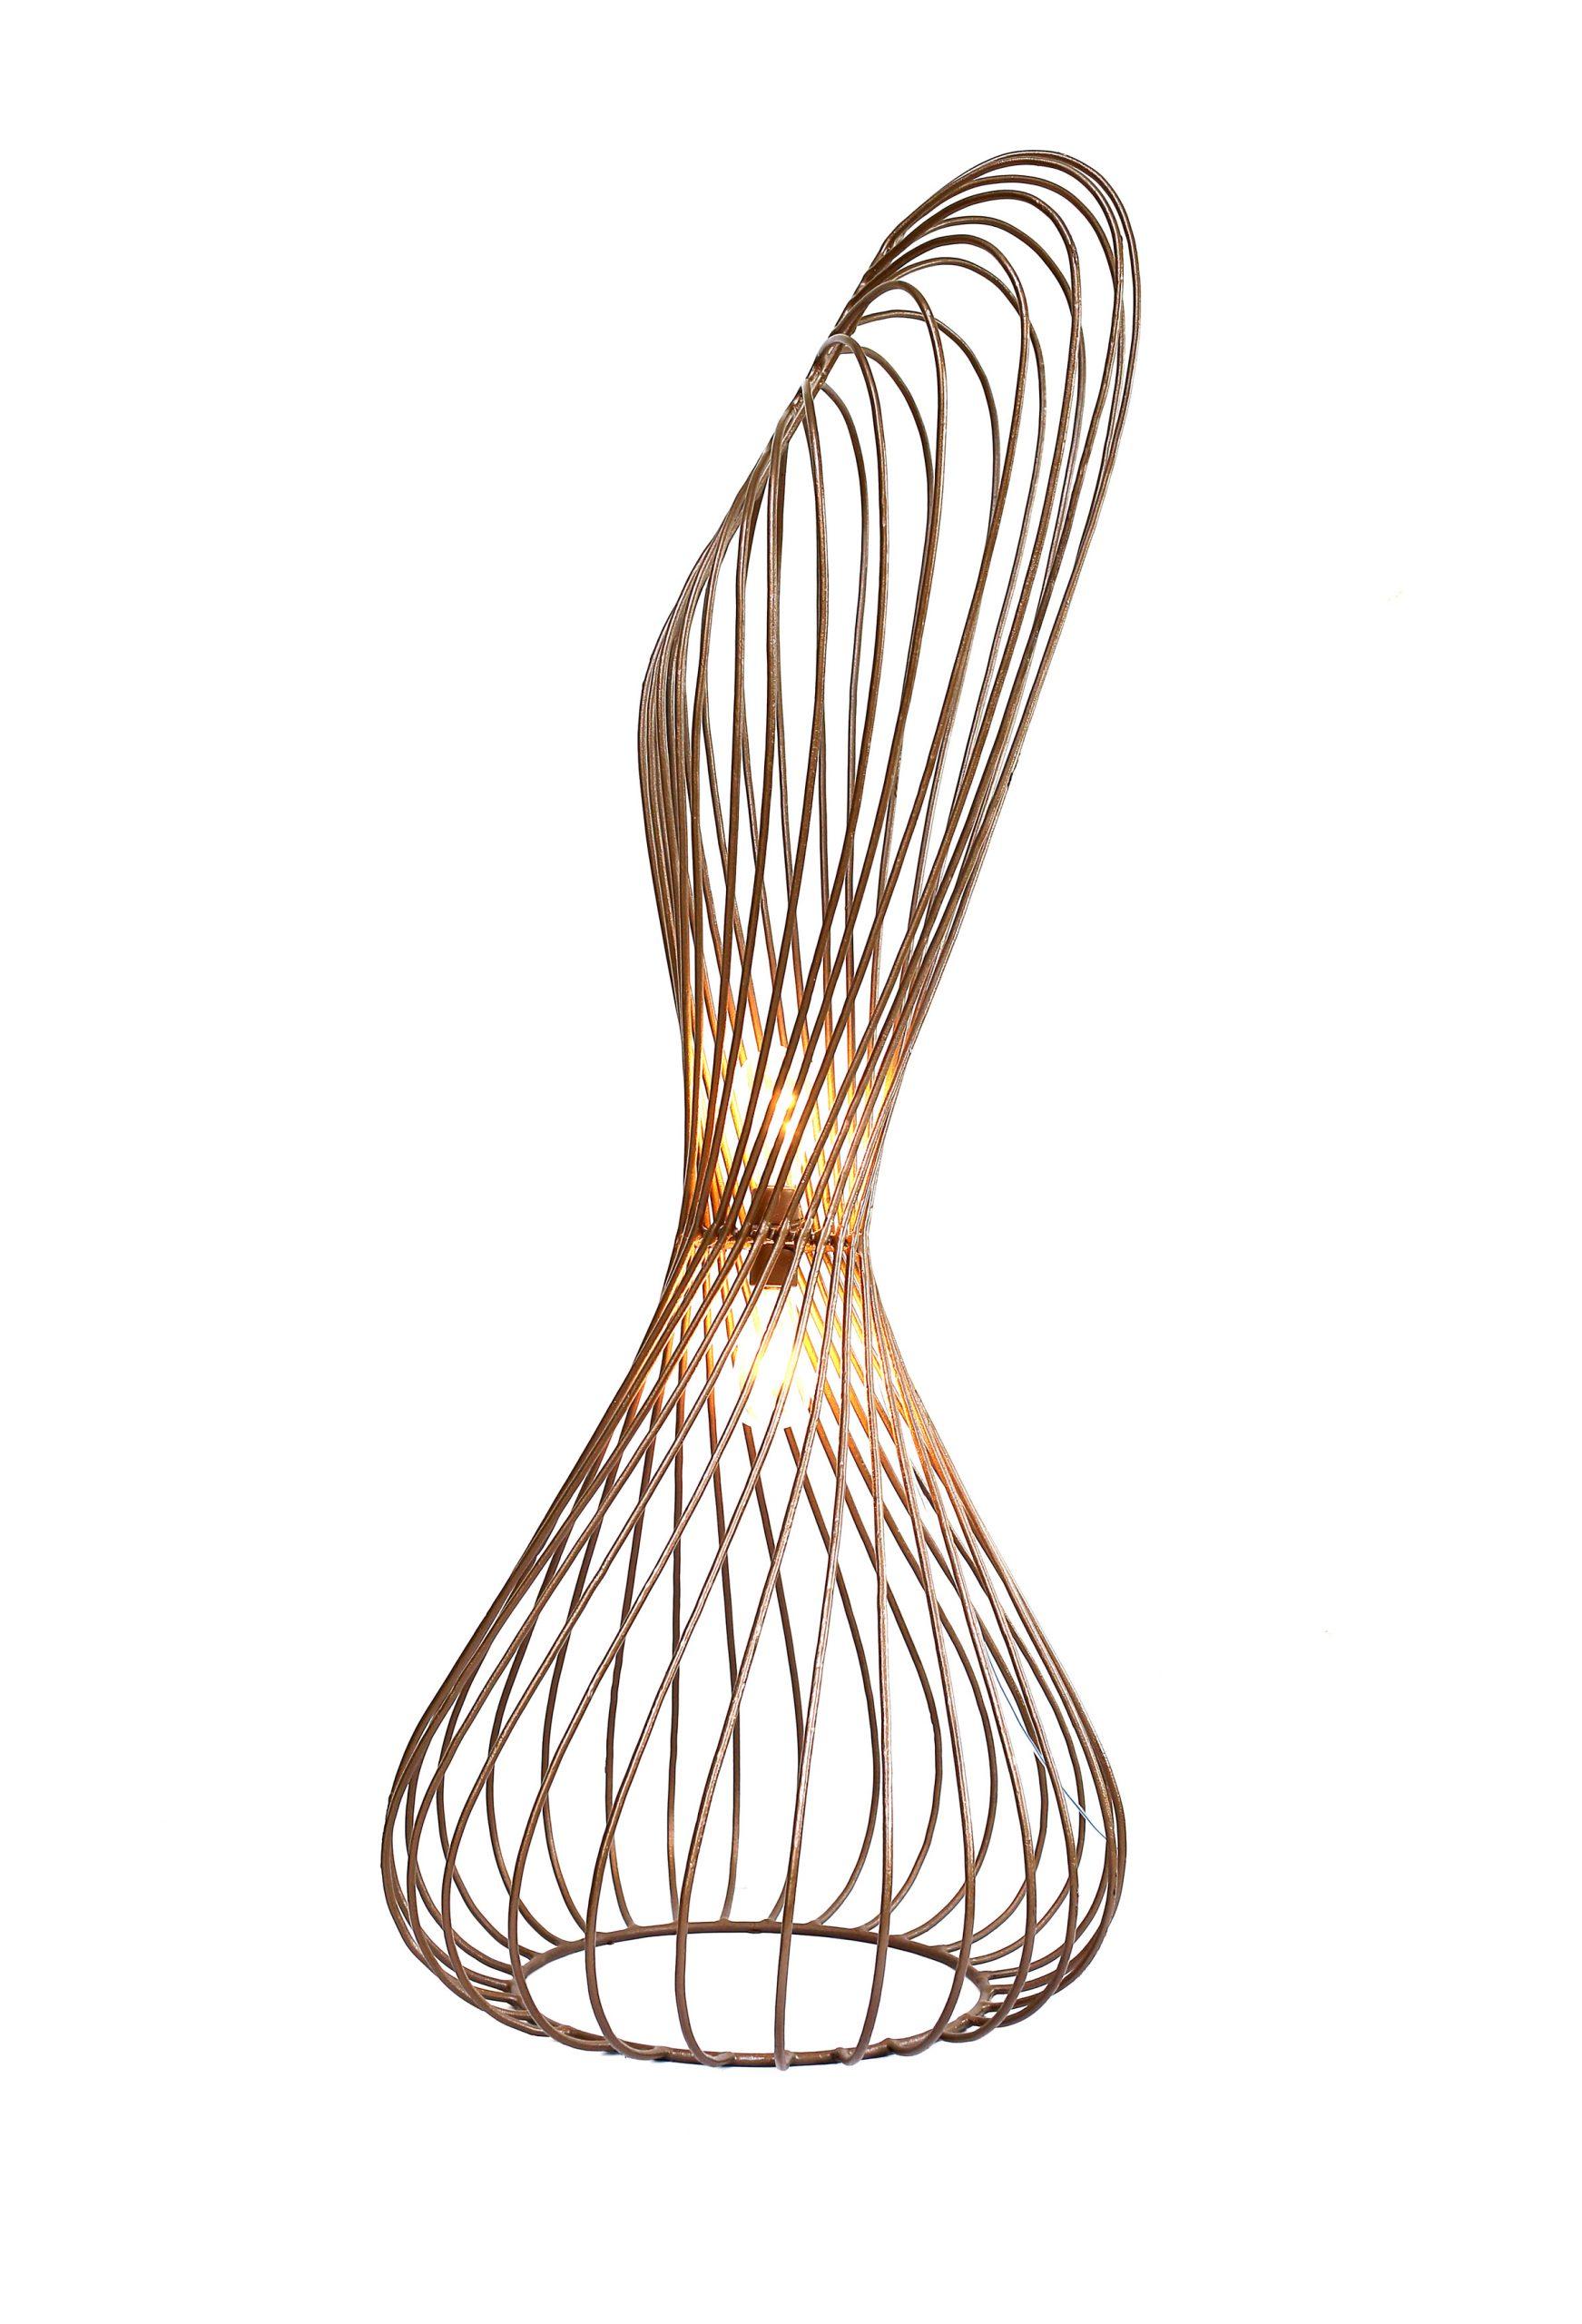 Africa by Design: Sisi Eko floor lamp by Studio Lani